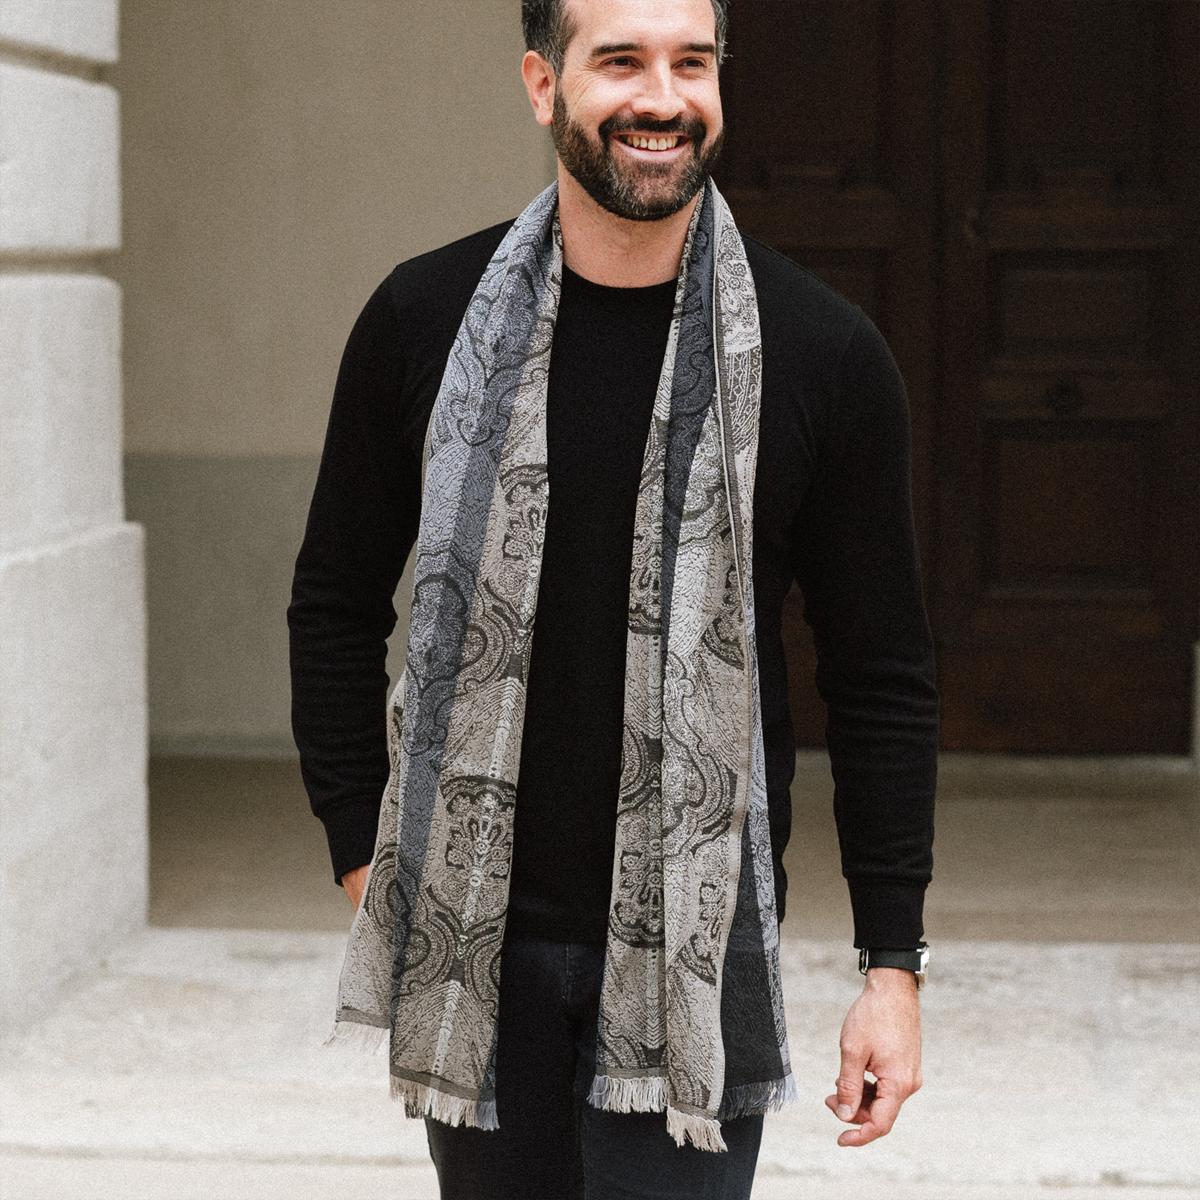 Echarpe Homme Noir et Gris en laine et soie - Motif cachemire b35f12b1361